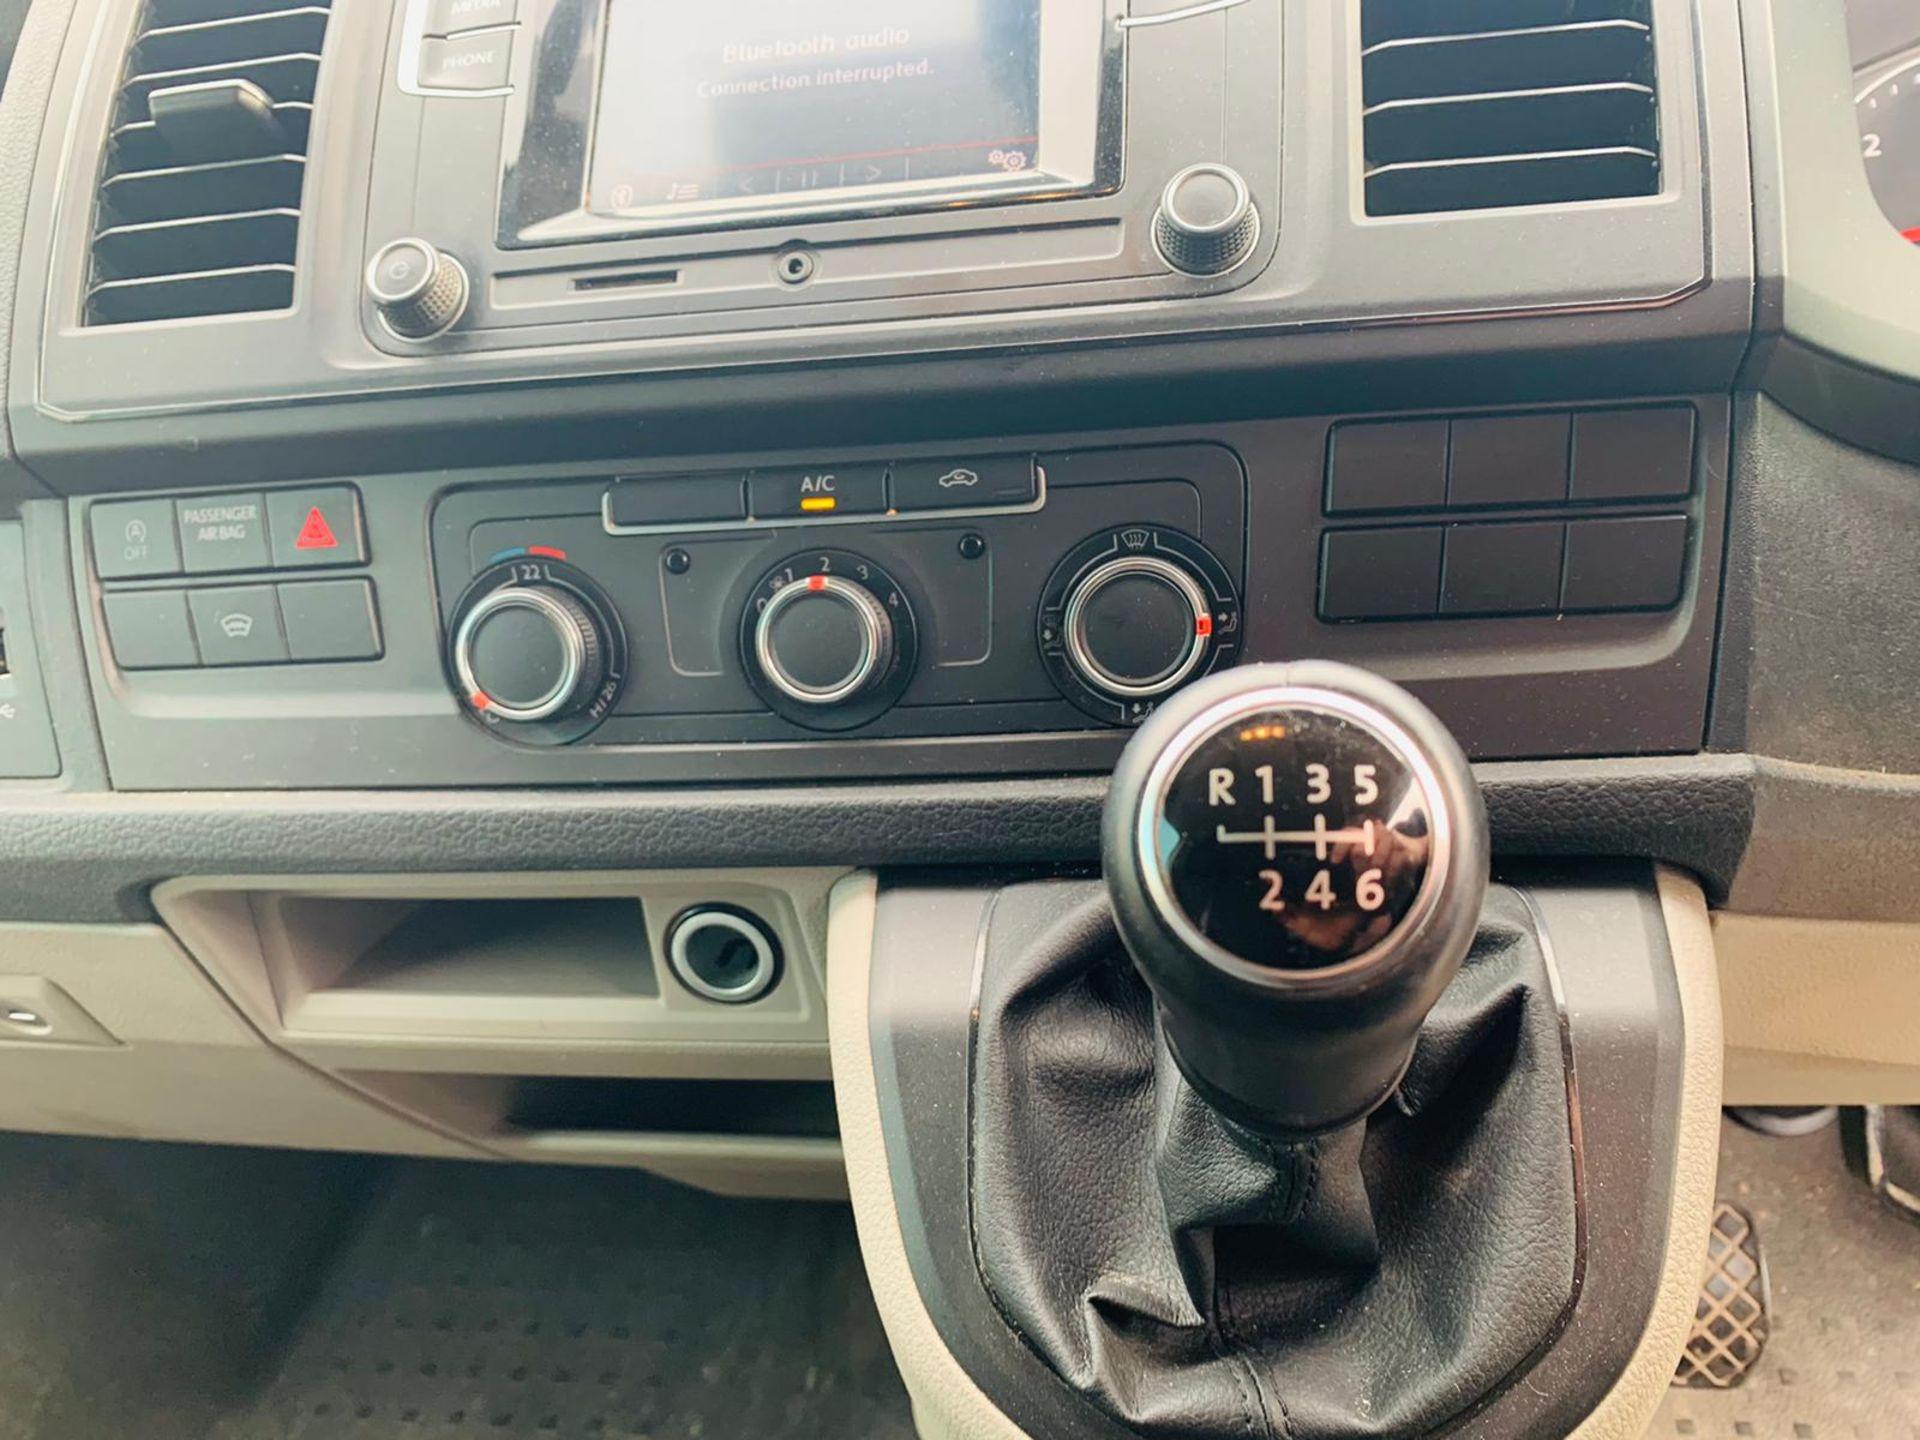 (RESERVE MET) Volkswagen (VW) Transporter 2.0 TDI 150 Highline T28 2018 18 Reg - Parking Sensors - - Image 14 of 23